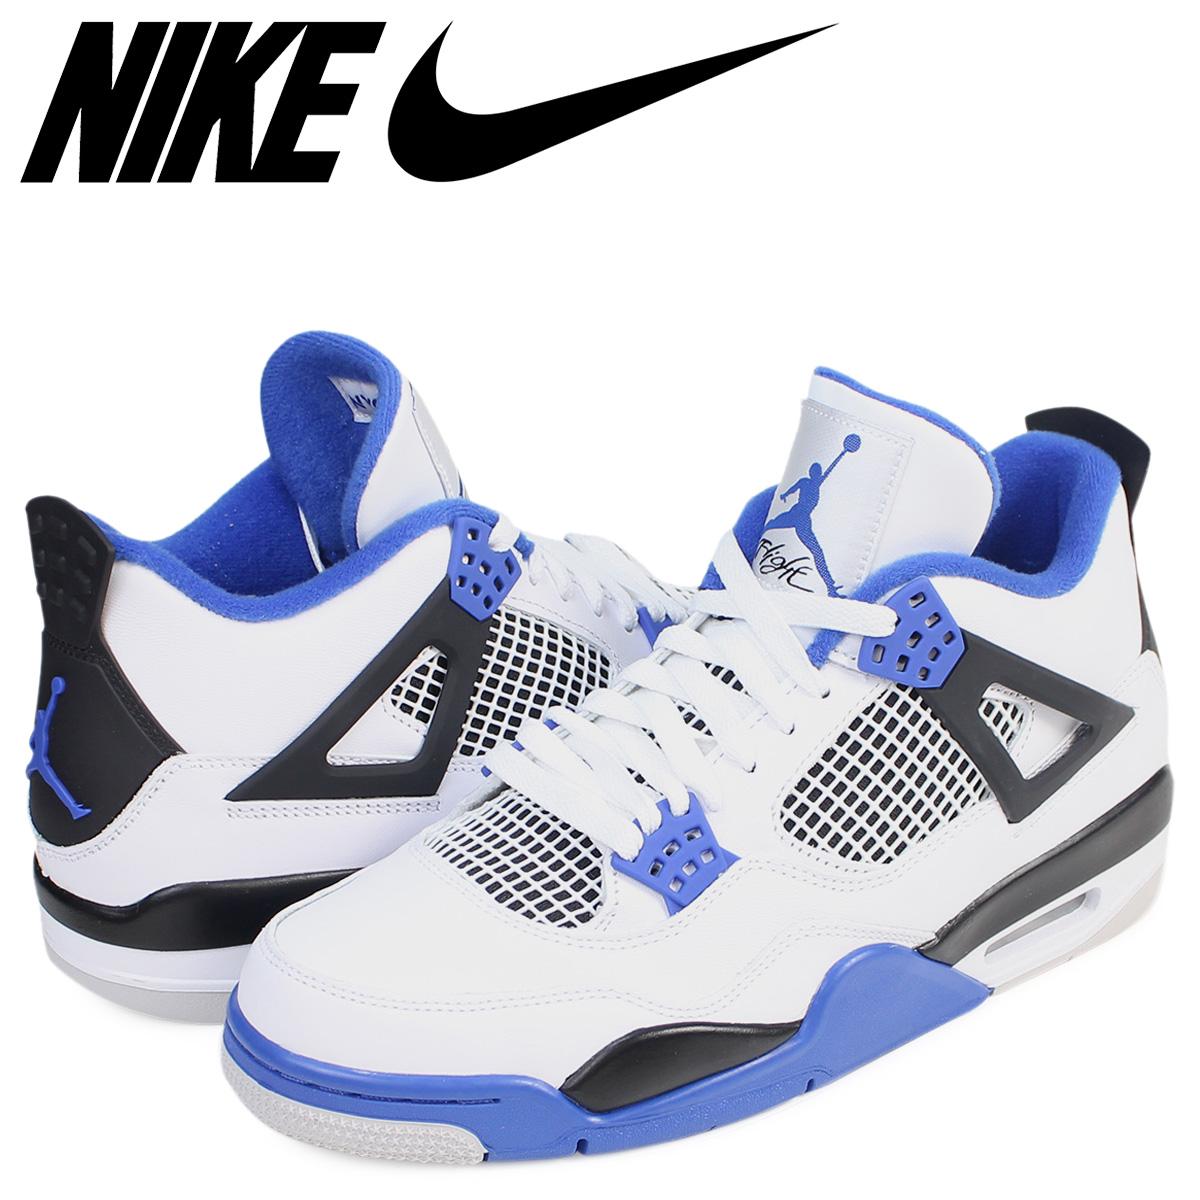 2ed83d85a59 NIKE Nike Air Jordan 4 nostalgic sneakers AIR JORDAN 4 RETRO MOTORSPORT  308,497-117 men's ...